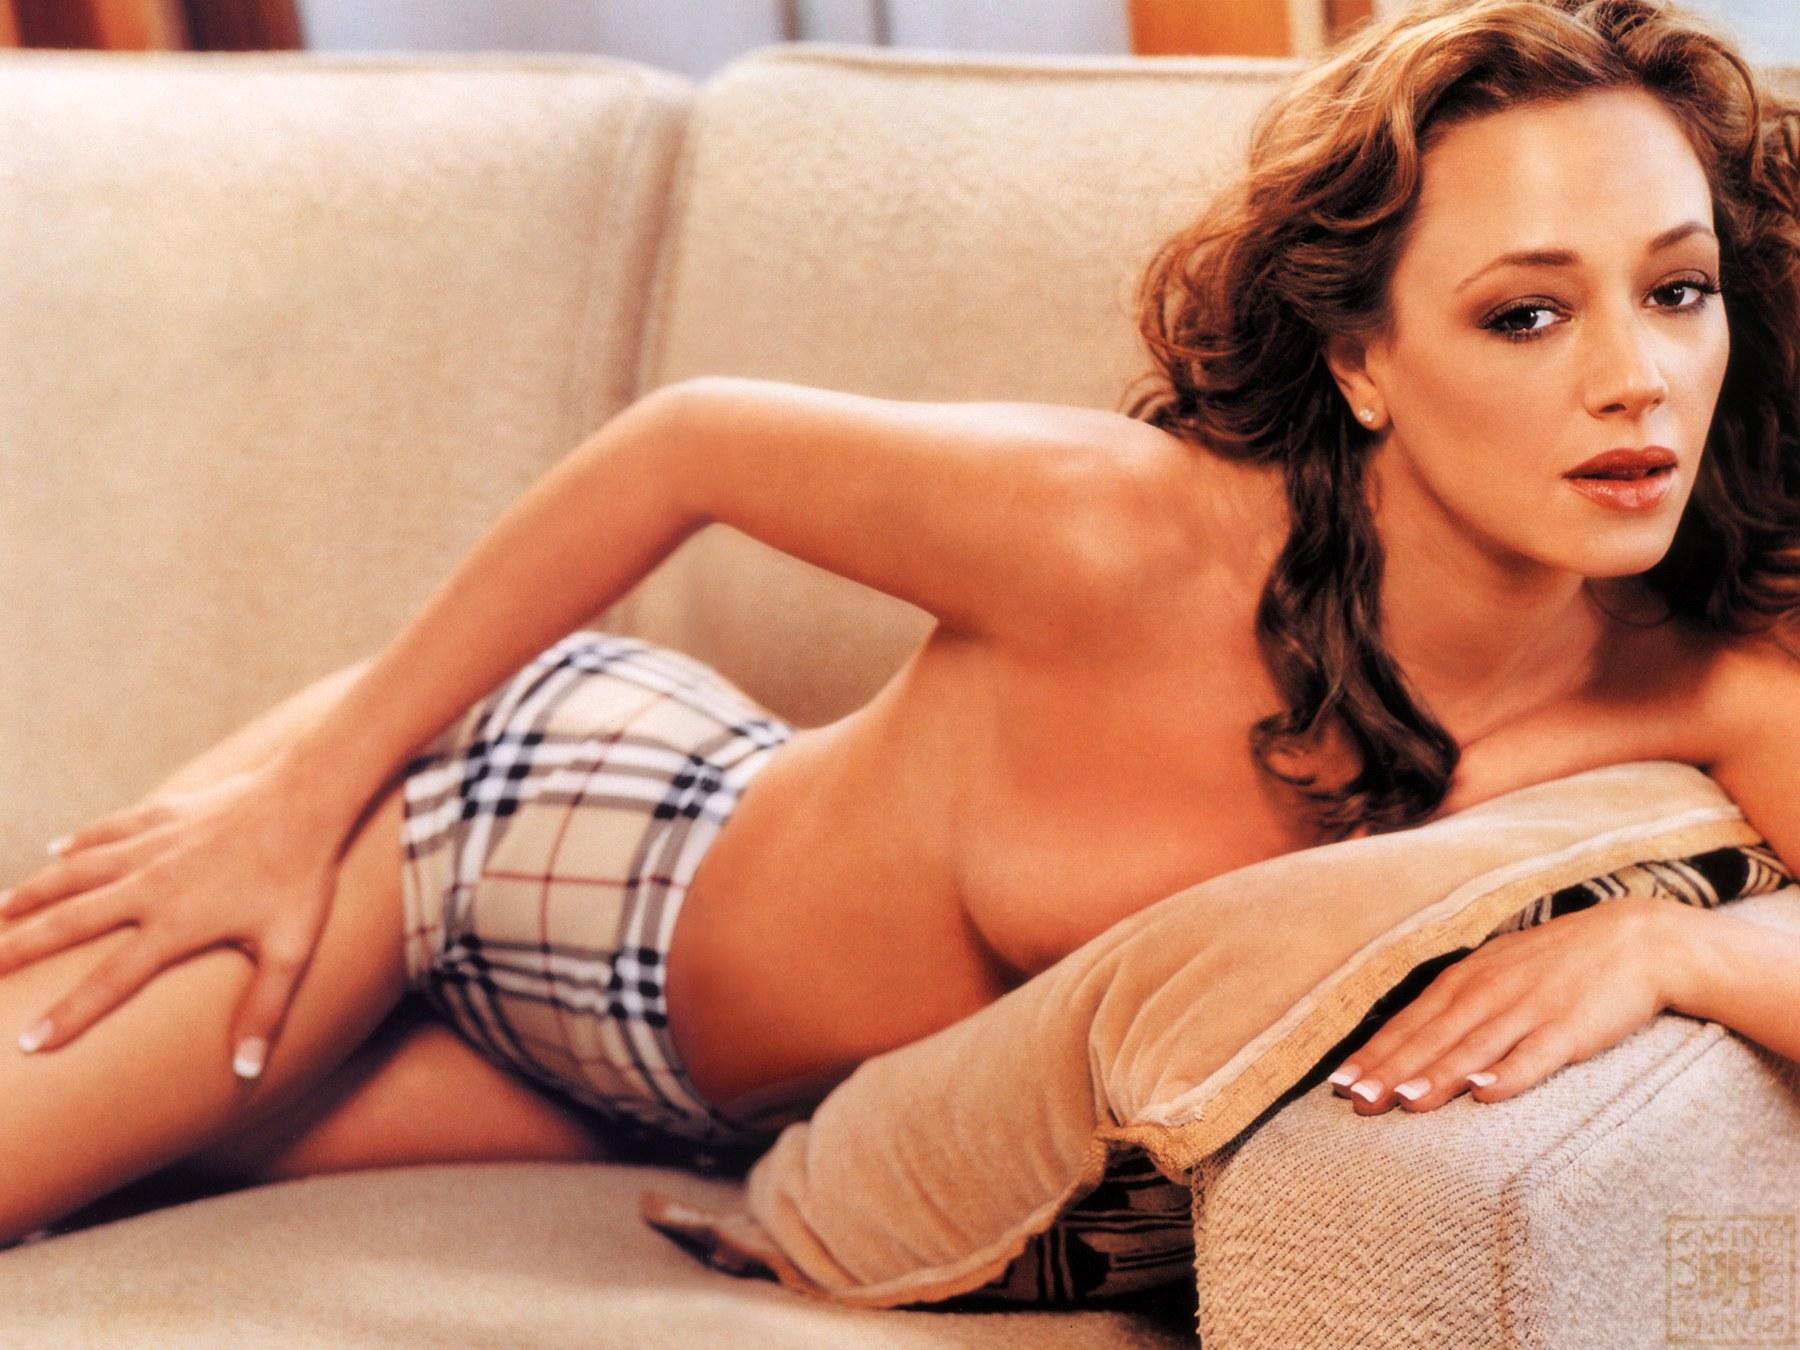 hollywood actress sucking dick